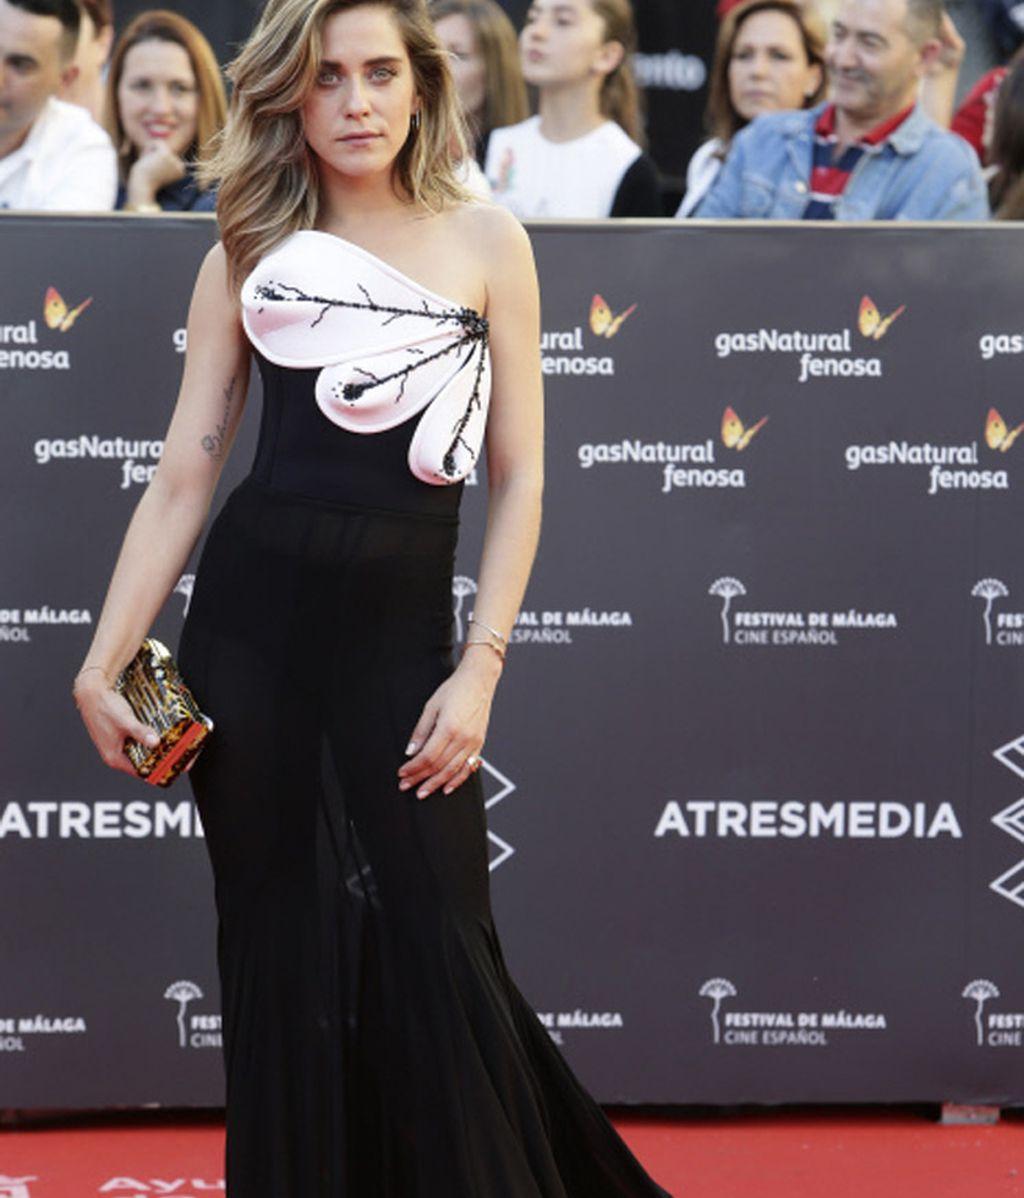 María León se atreve con las transparencias en el Festival de Málaga